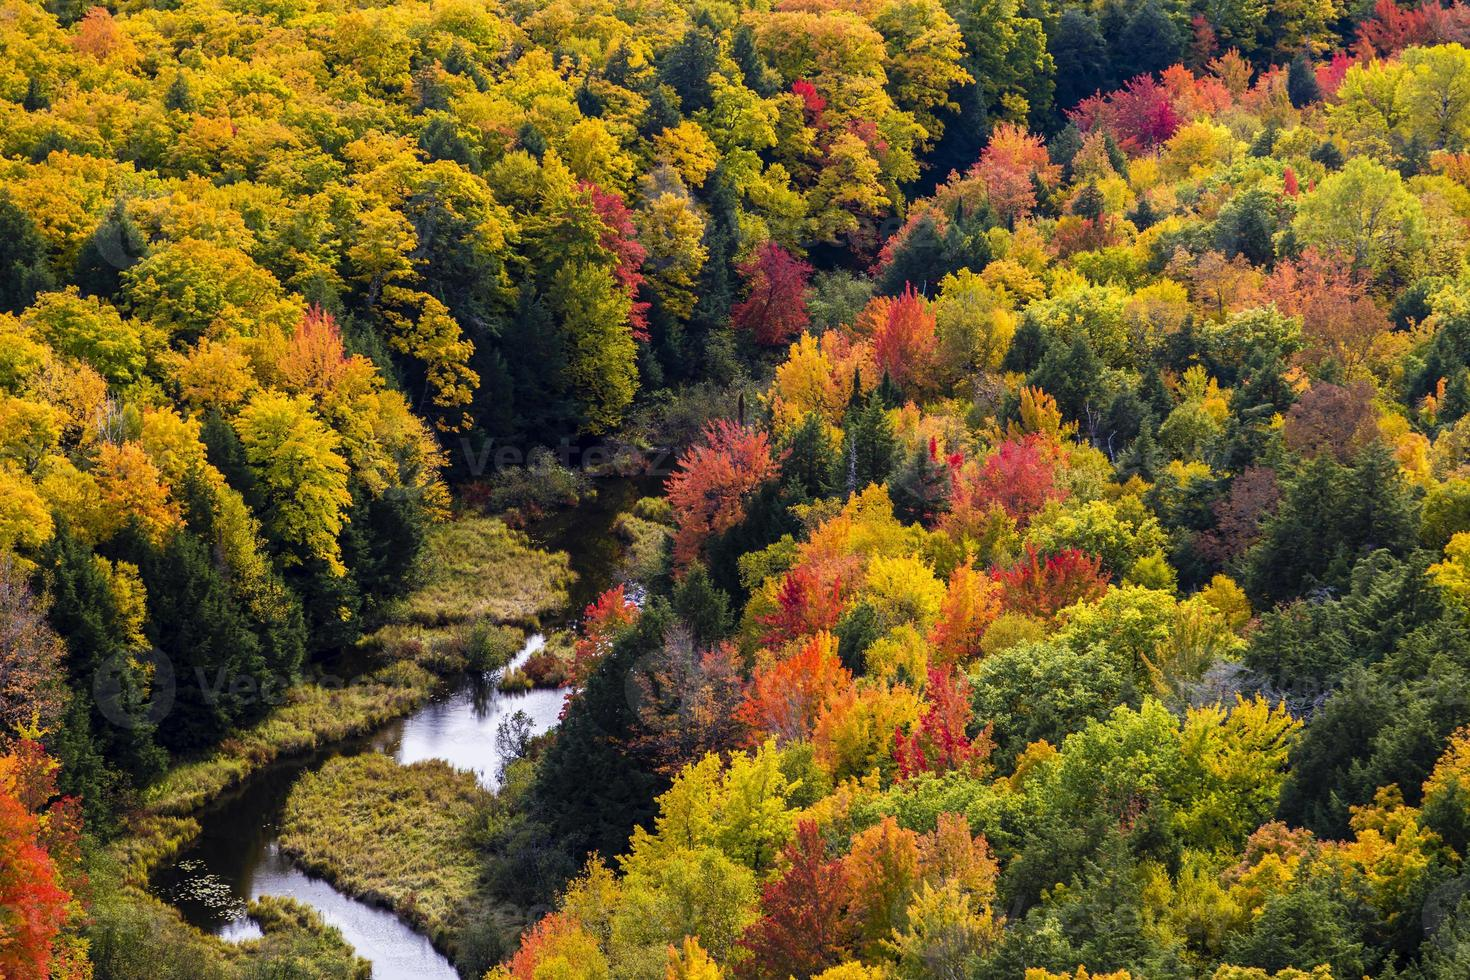 cae colores en el río carpa, parque estatal montañas puercoespín foto